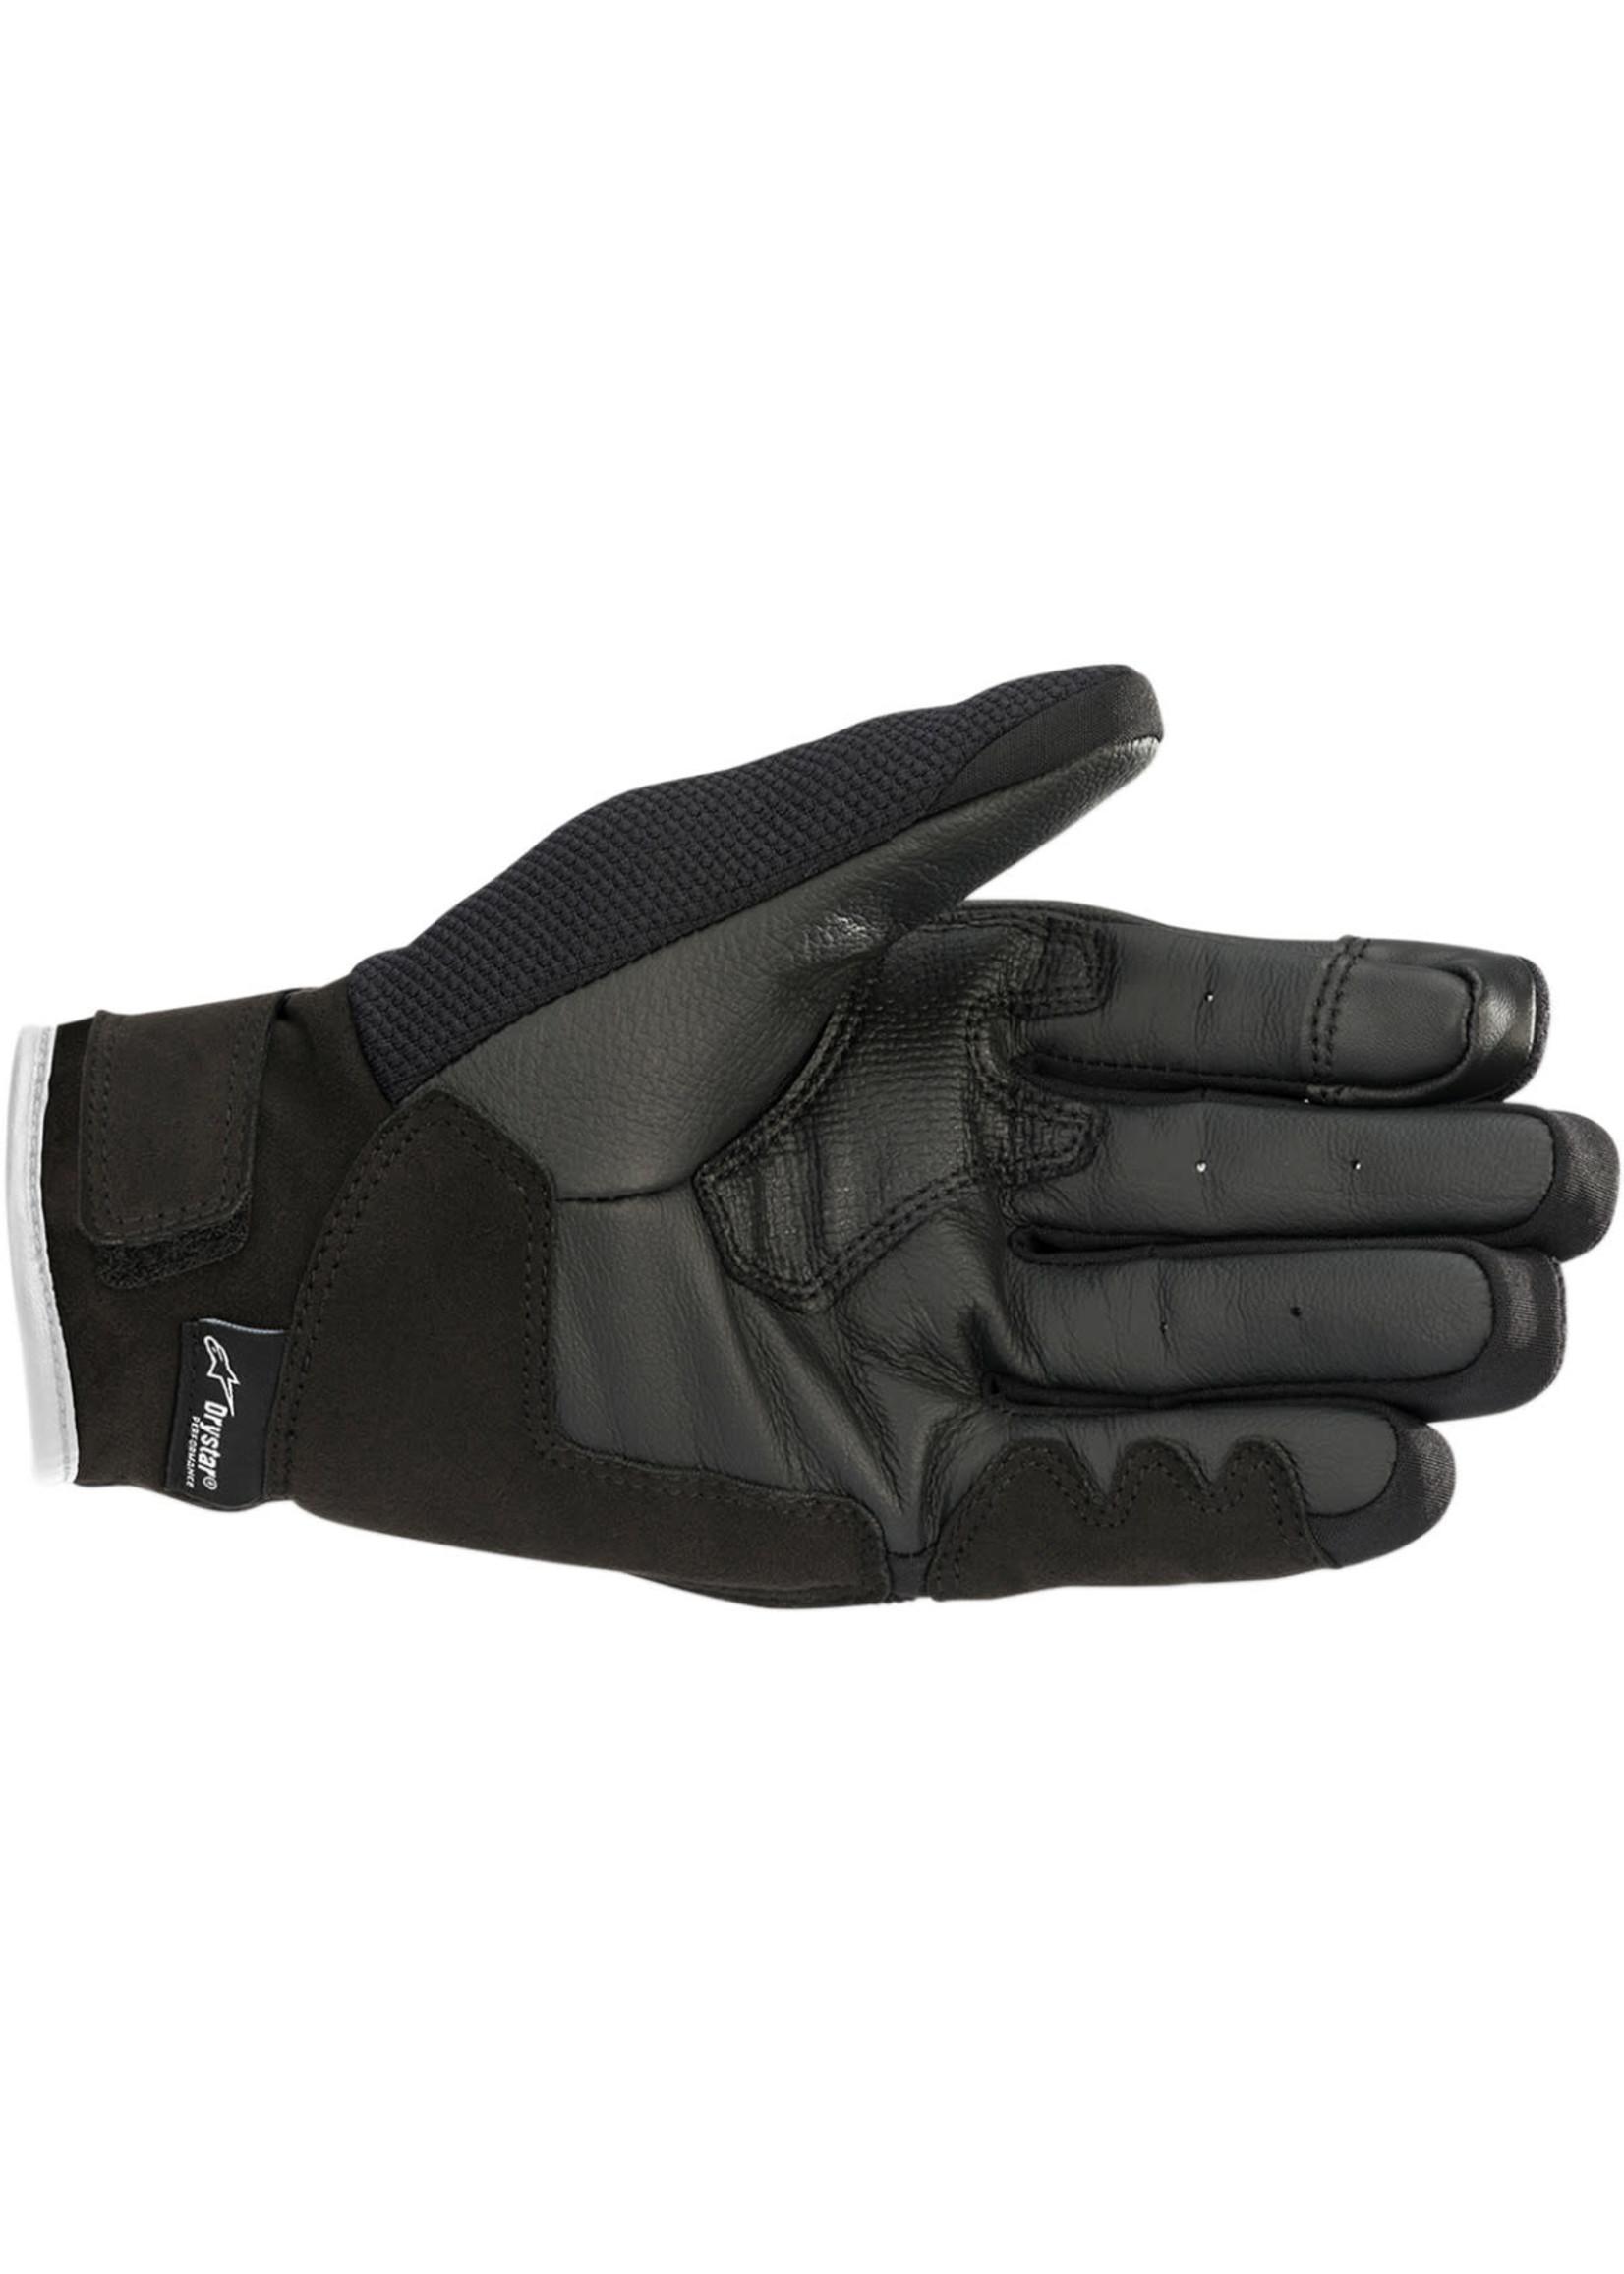 Alpinestars Stella S-Max Gloves touch